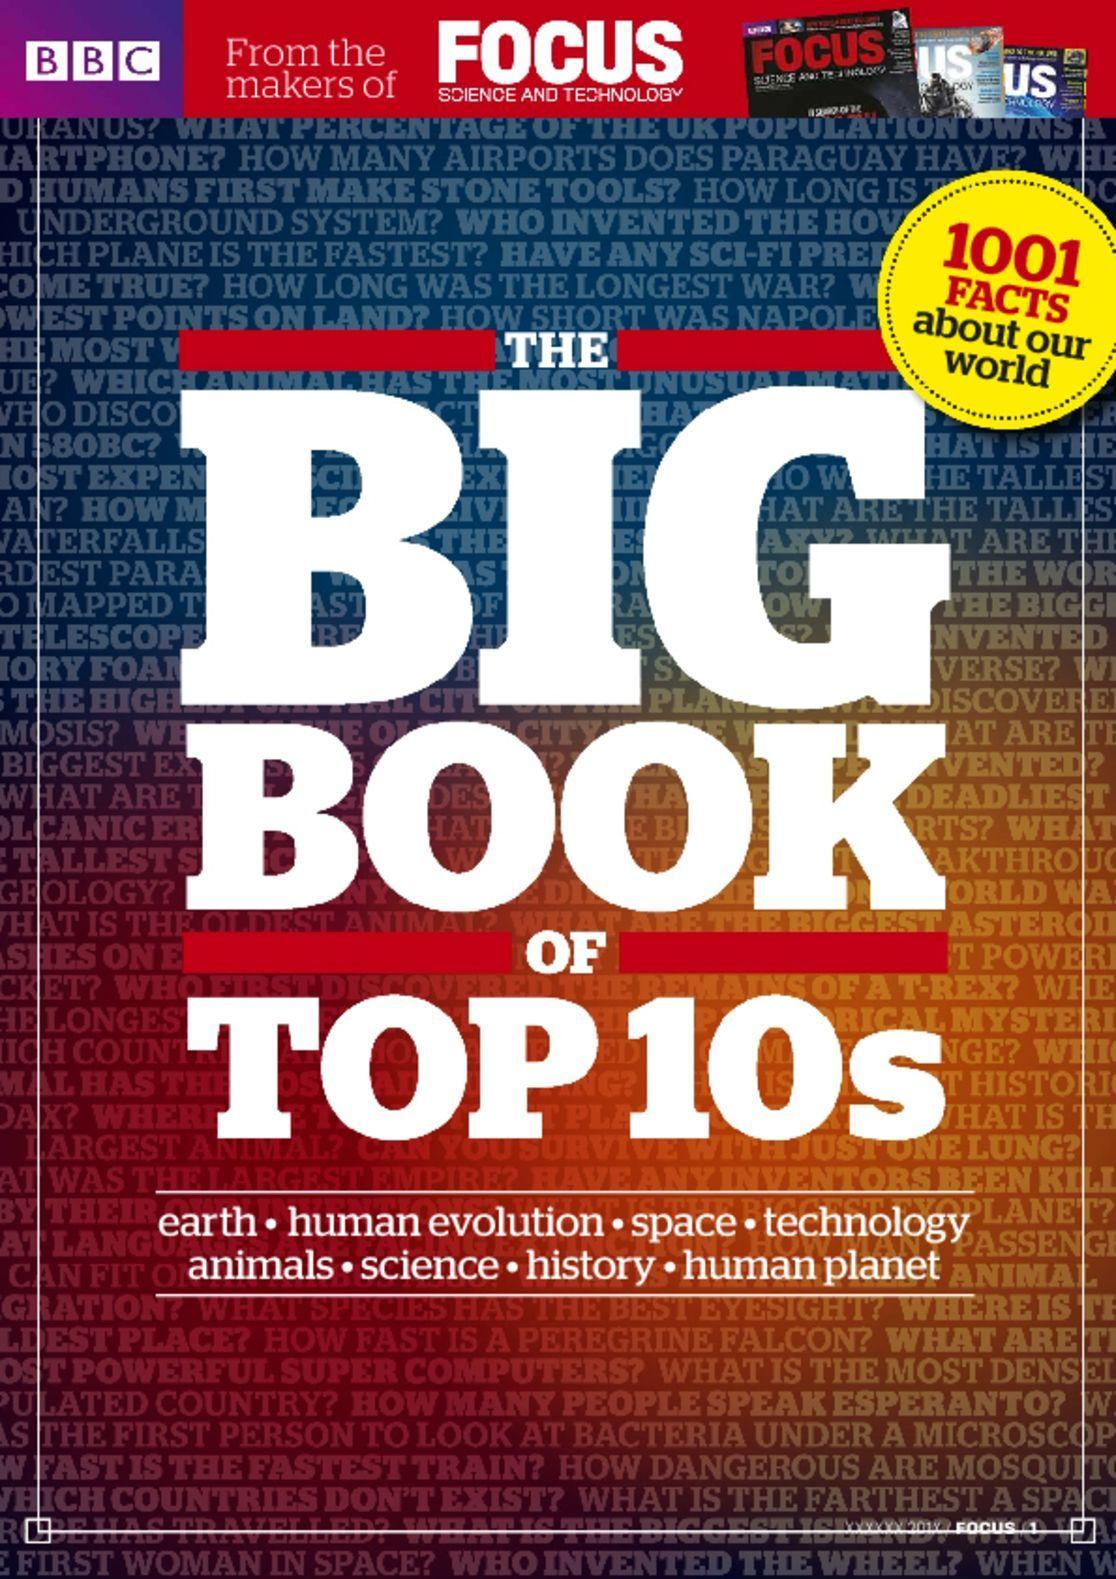 BBC Focus presents The Big Book of Top 10s Digital